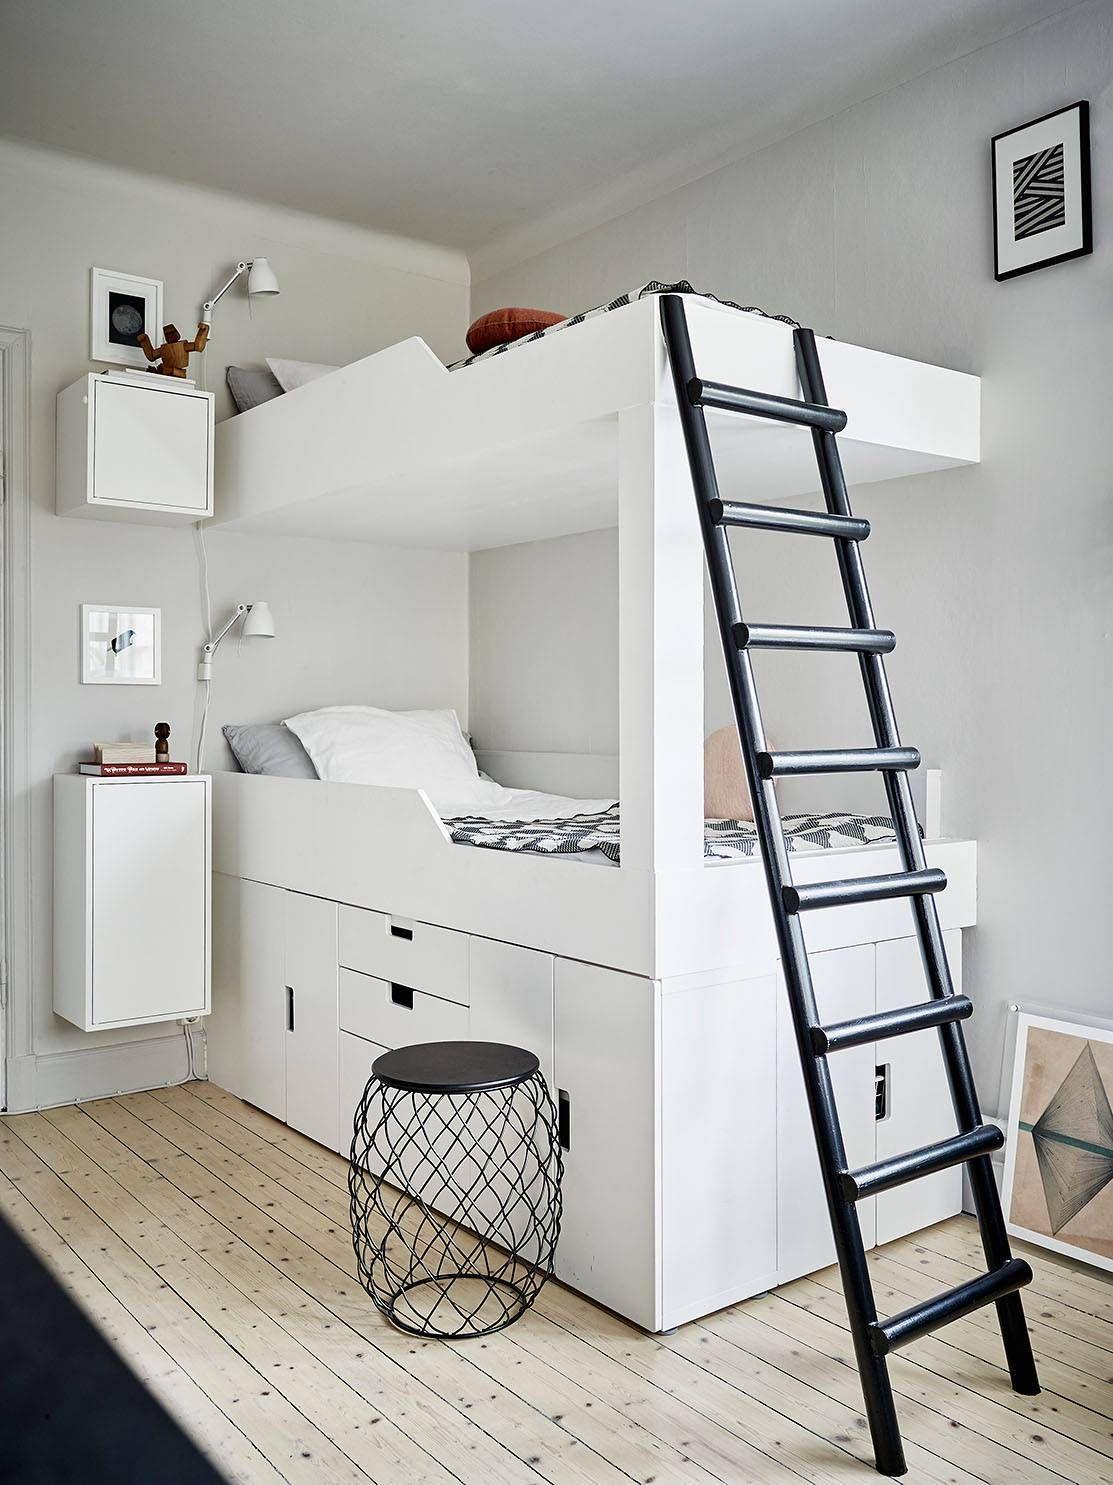 Tolle Inspiration Für Die Gestaltung Von Kleinen Räumen   Helle Farben,  Etagenbett Und Smarte Raumnutzung.